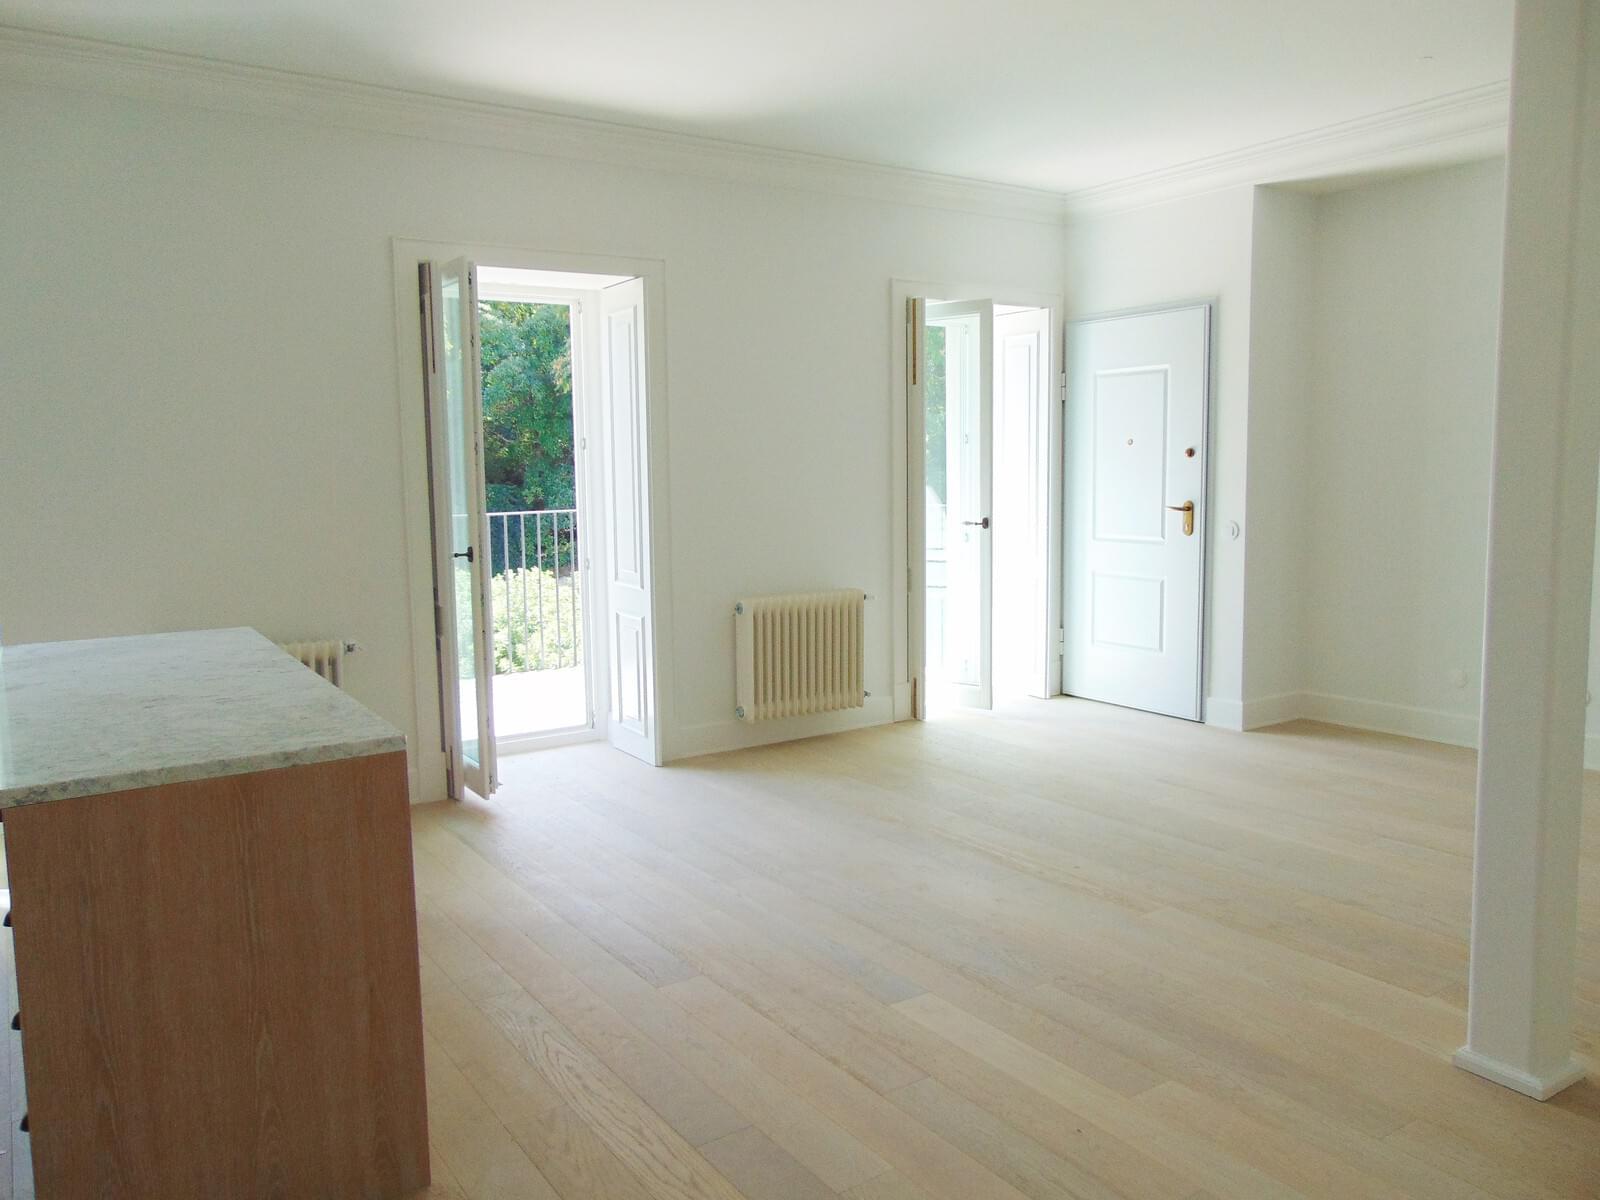 pf18152-apartamento-t2-lisboa-13e38537-54b6-4b83-addf-199115235e61